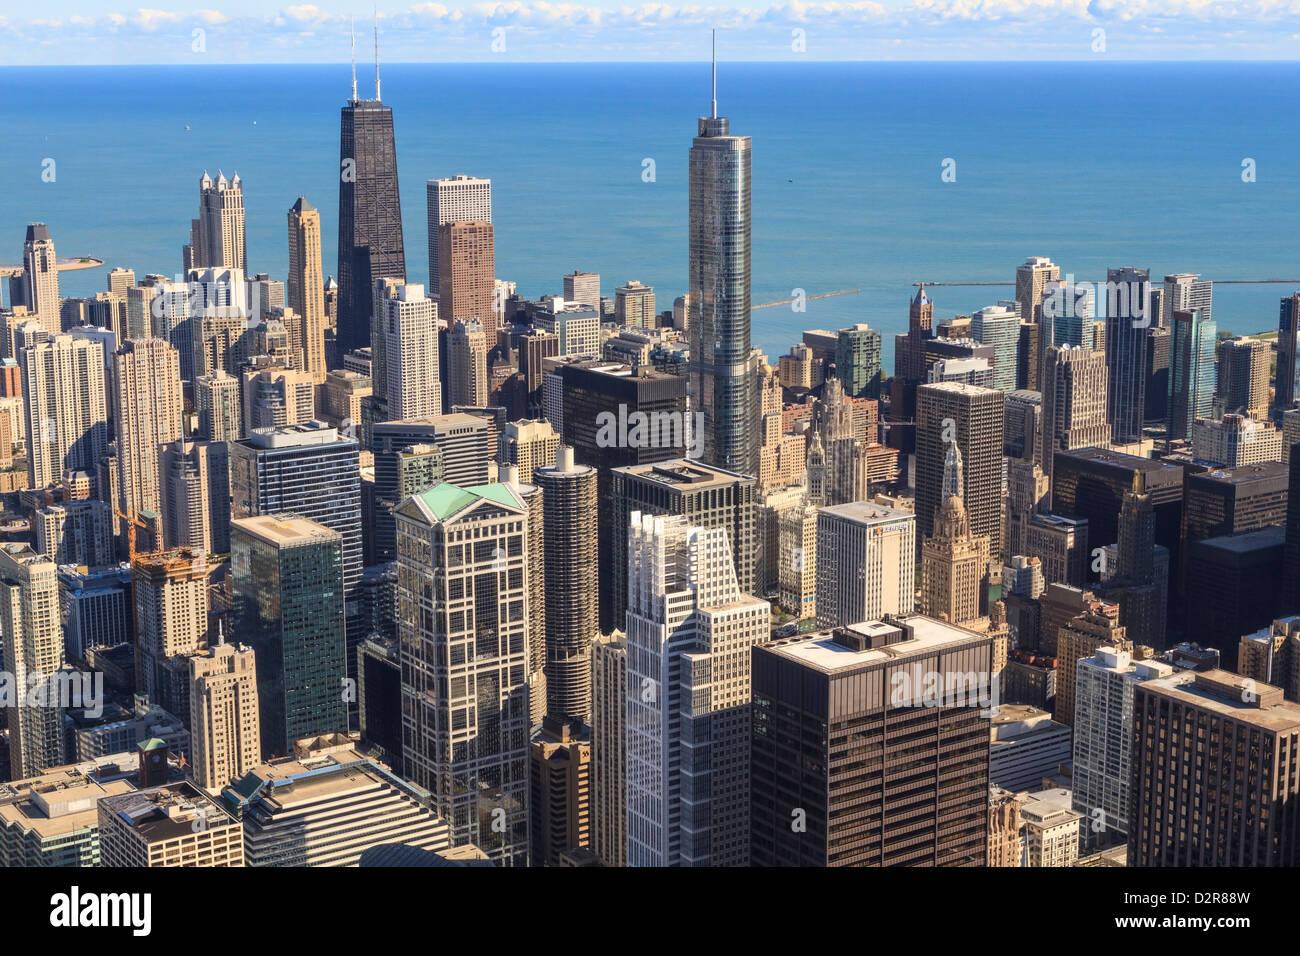 La ville de Chicago et le lac Michigan, Hancock Center et Trump Tower, Chicago, Illinois, États-Unis d'Amérique, Photo Stock